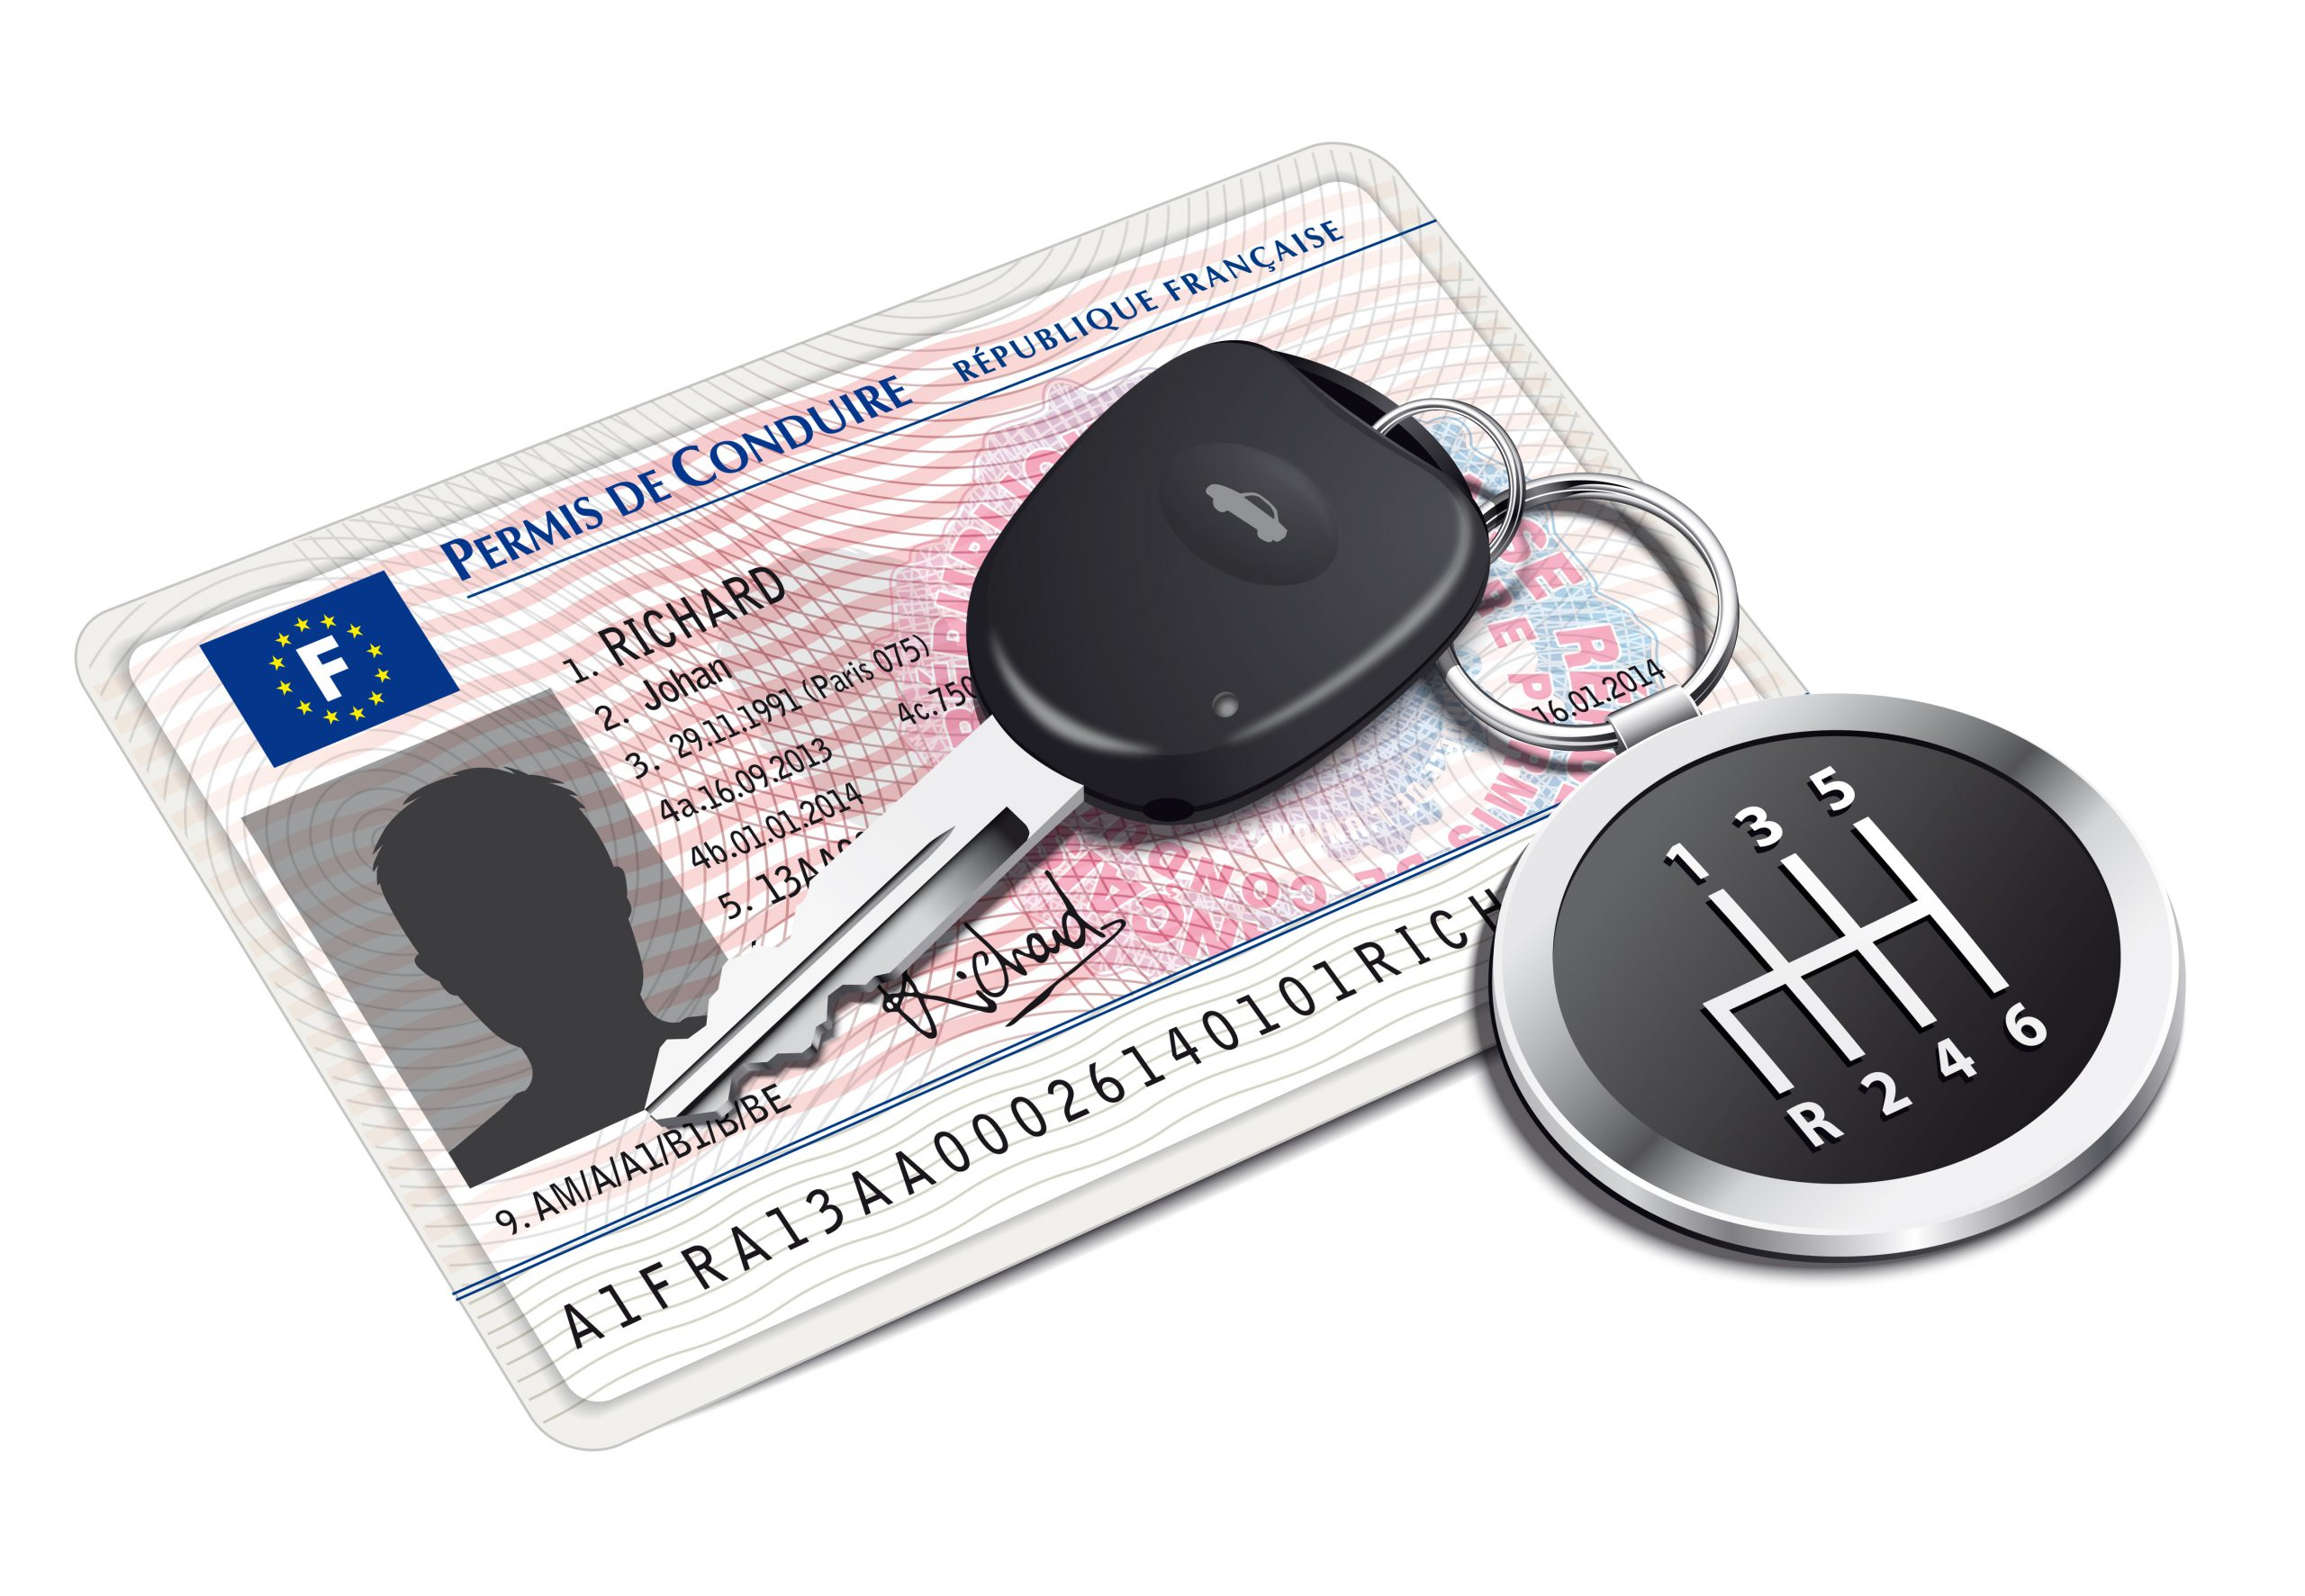 nouveau permis conduire francais